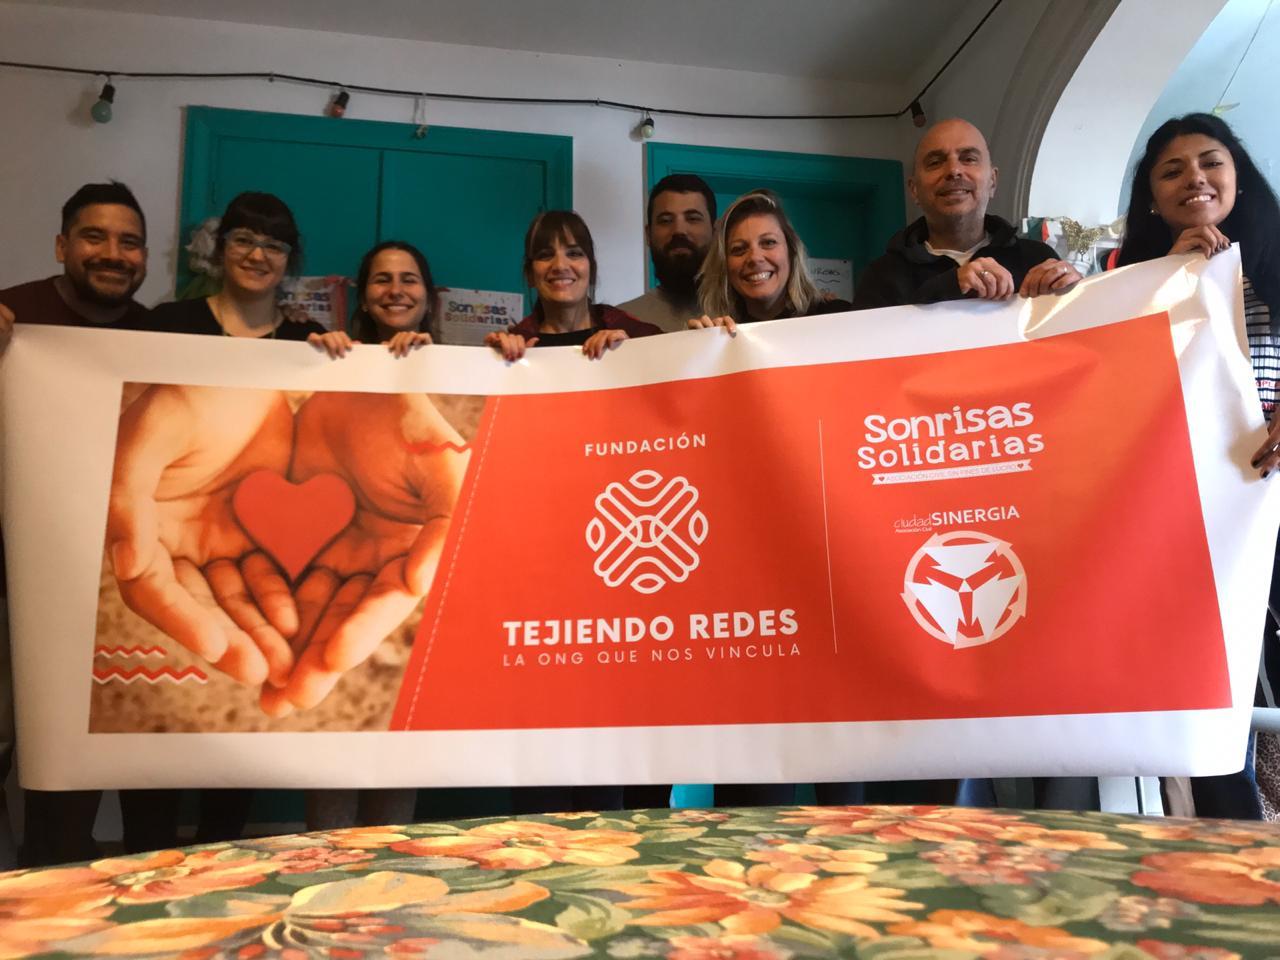 La ONG Tejiendo Redes inaugura su sede en Castelar